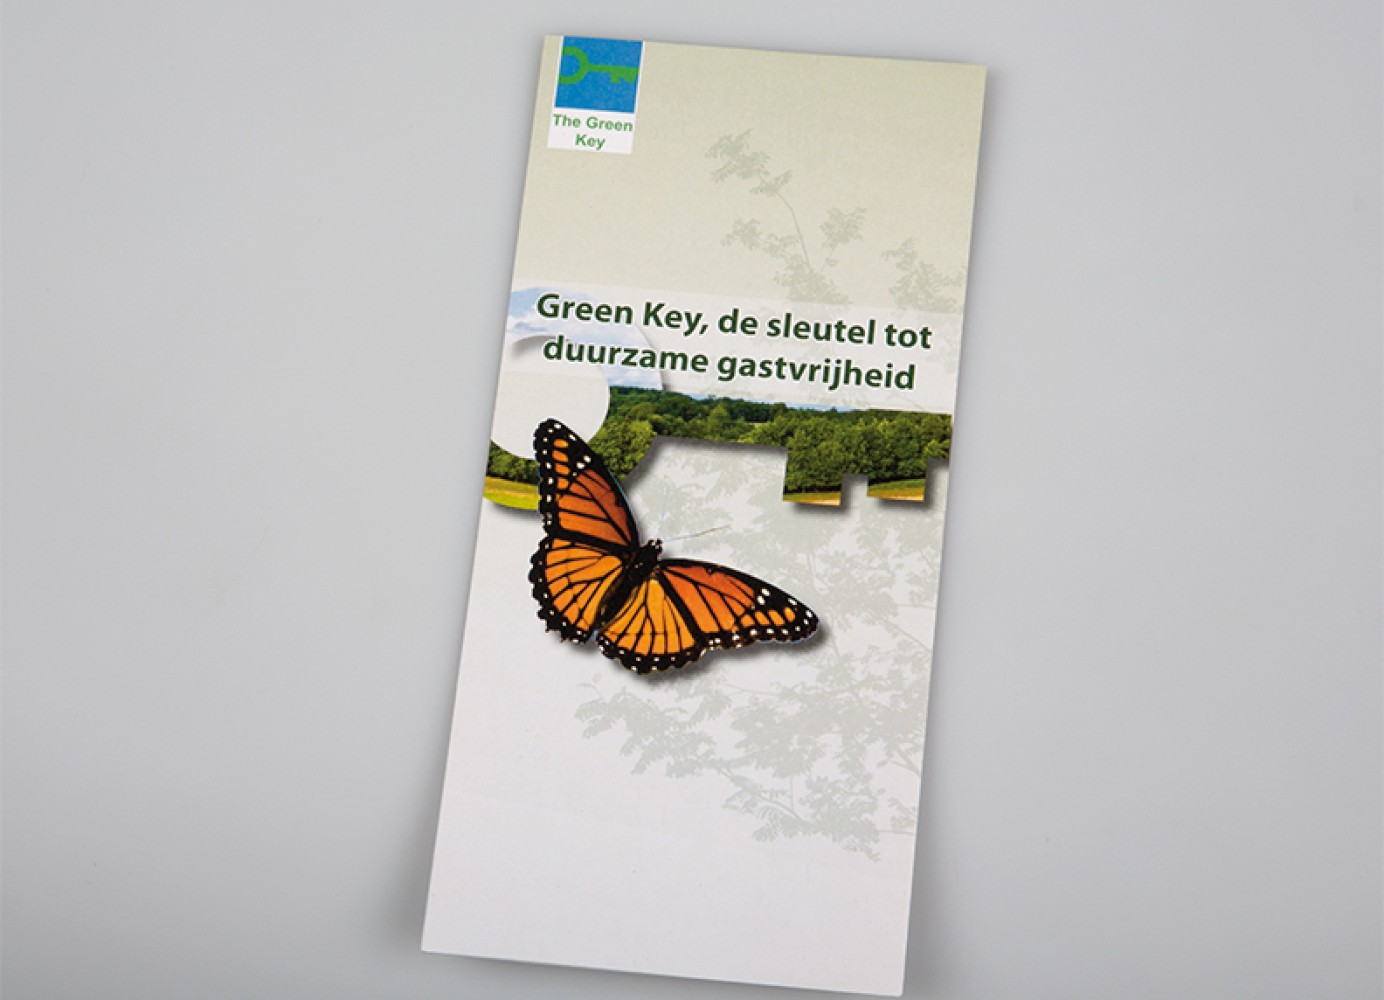 De algemene Green Key brochure